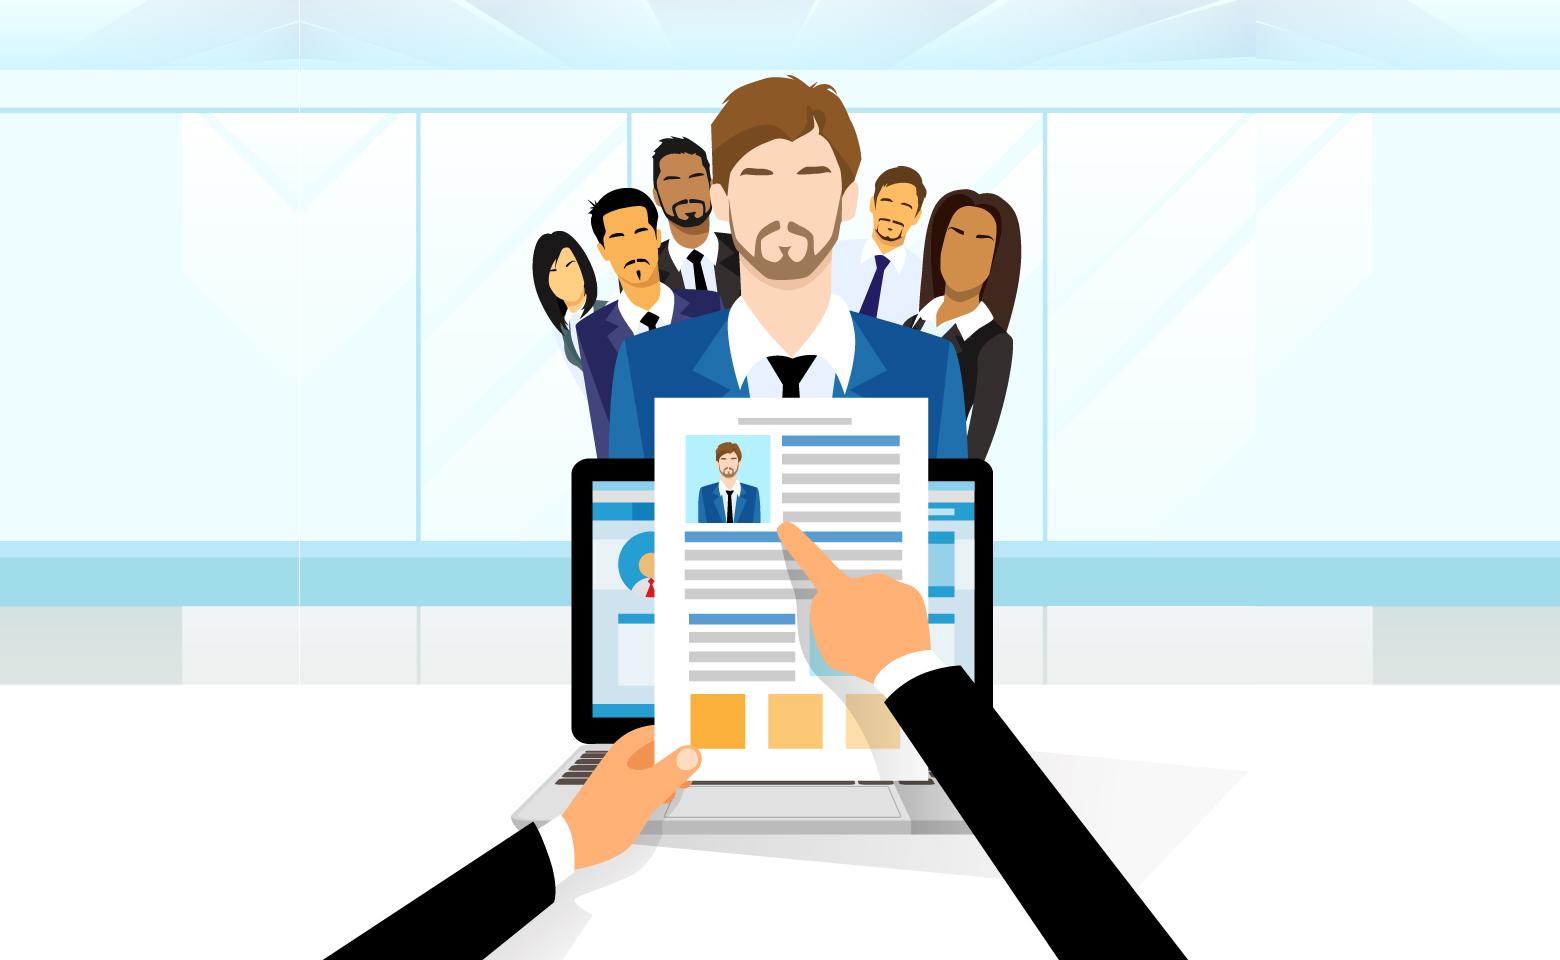 Tổng hợp các phương án tuyển dụng nhân sự hiệu quả